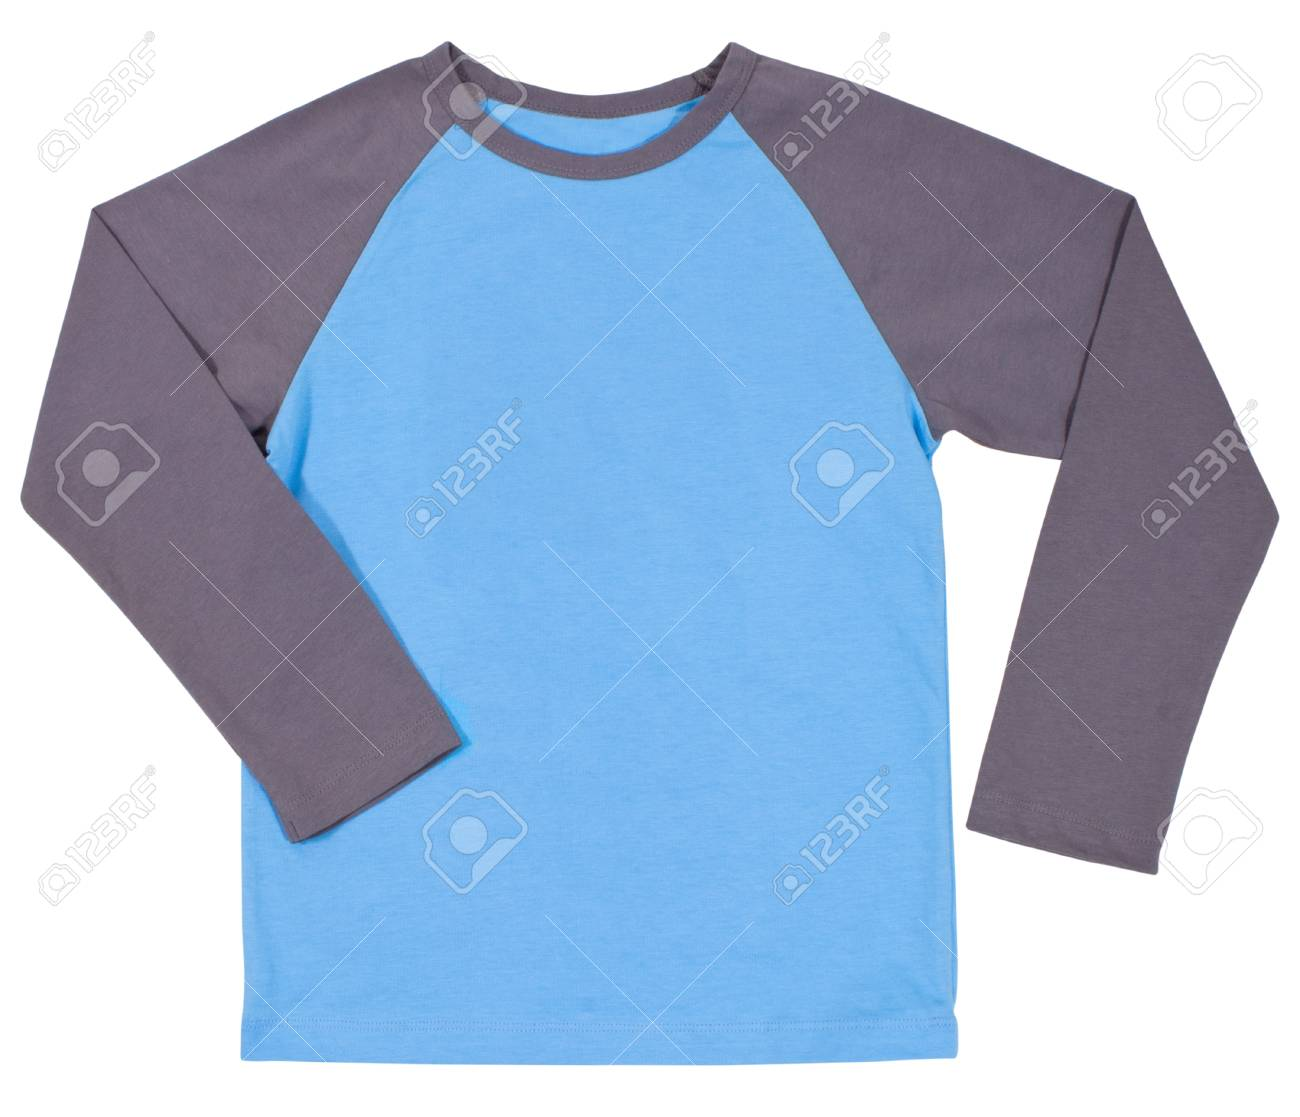 Het Overhemd.Het Overhemd Van Mensen Dat Op Witte Achtergrond Wordt Geisoleerd